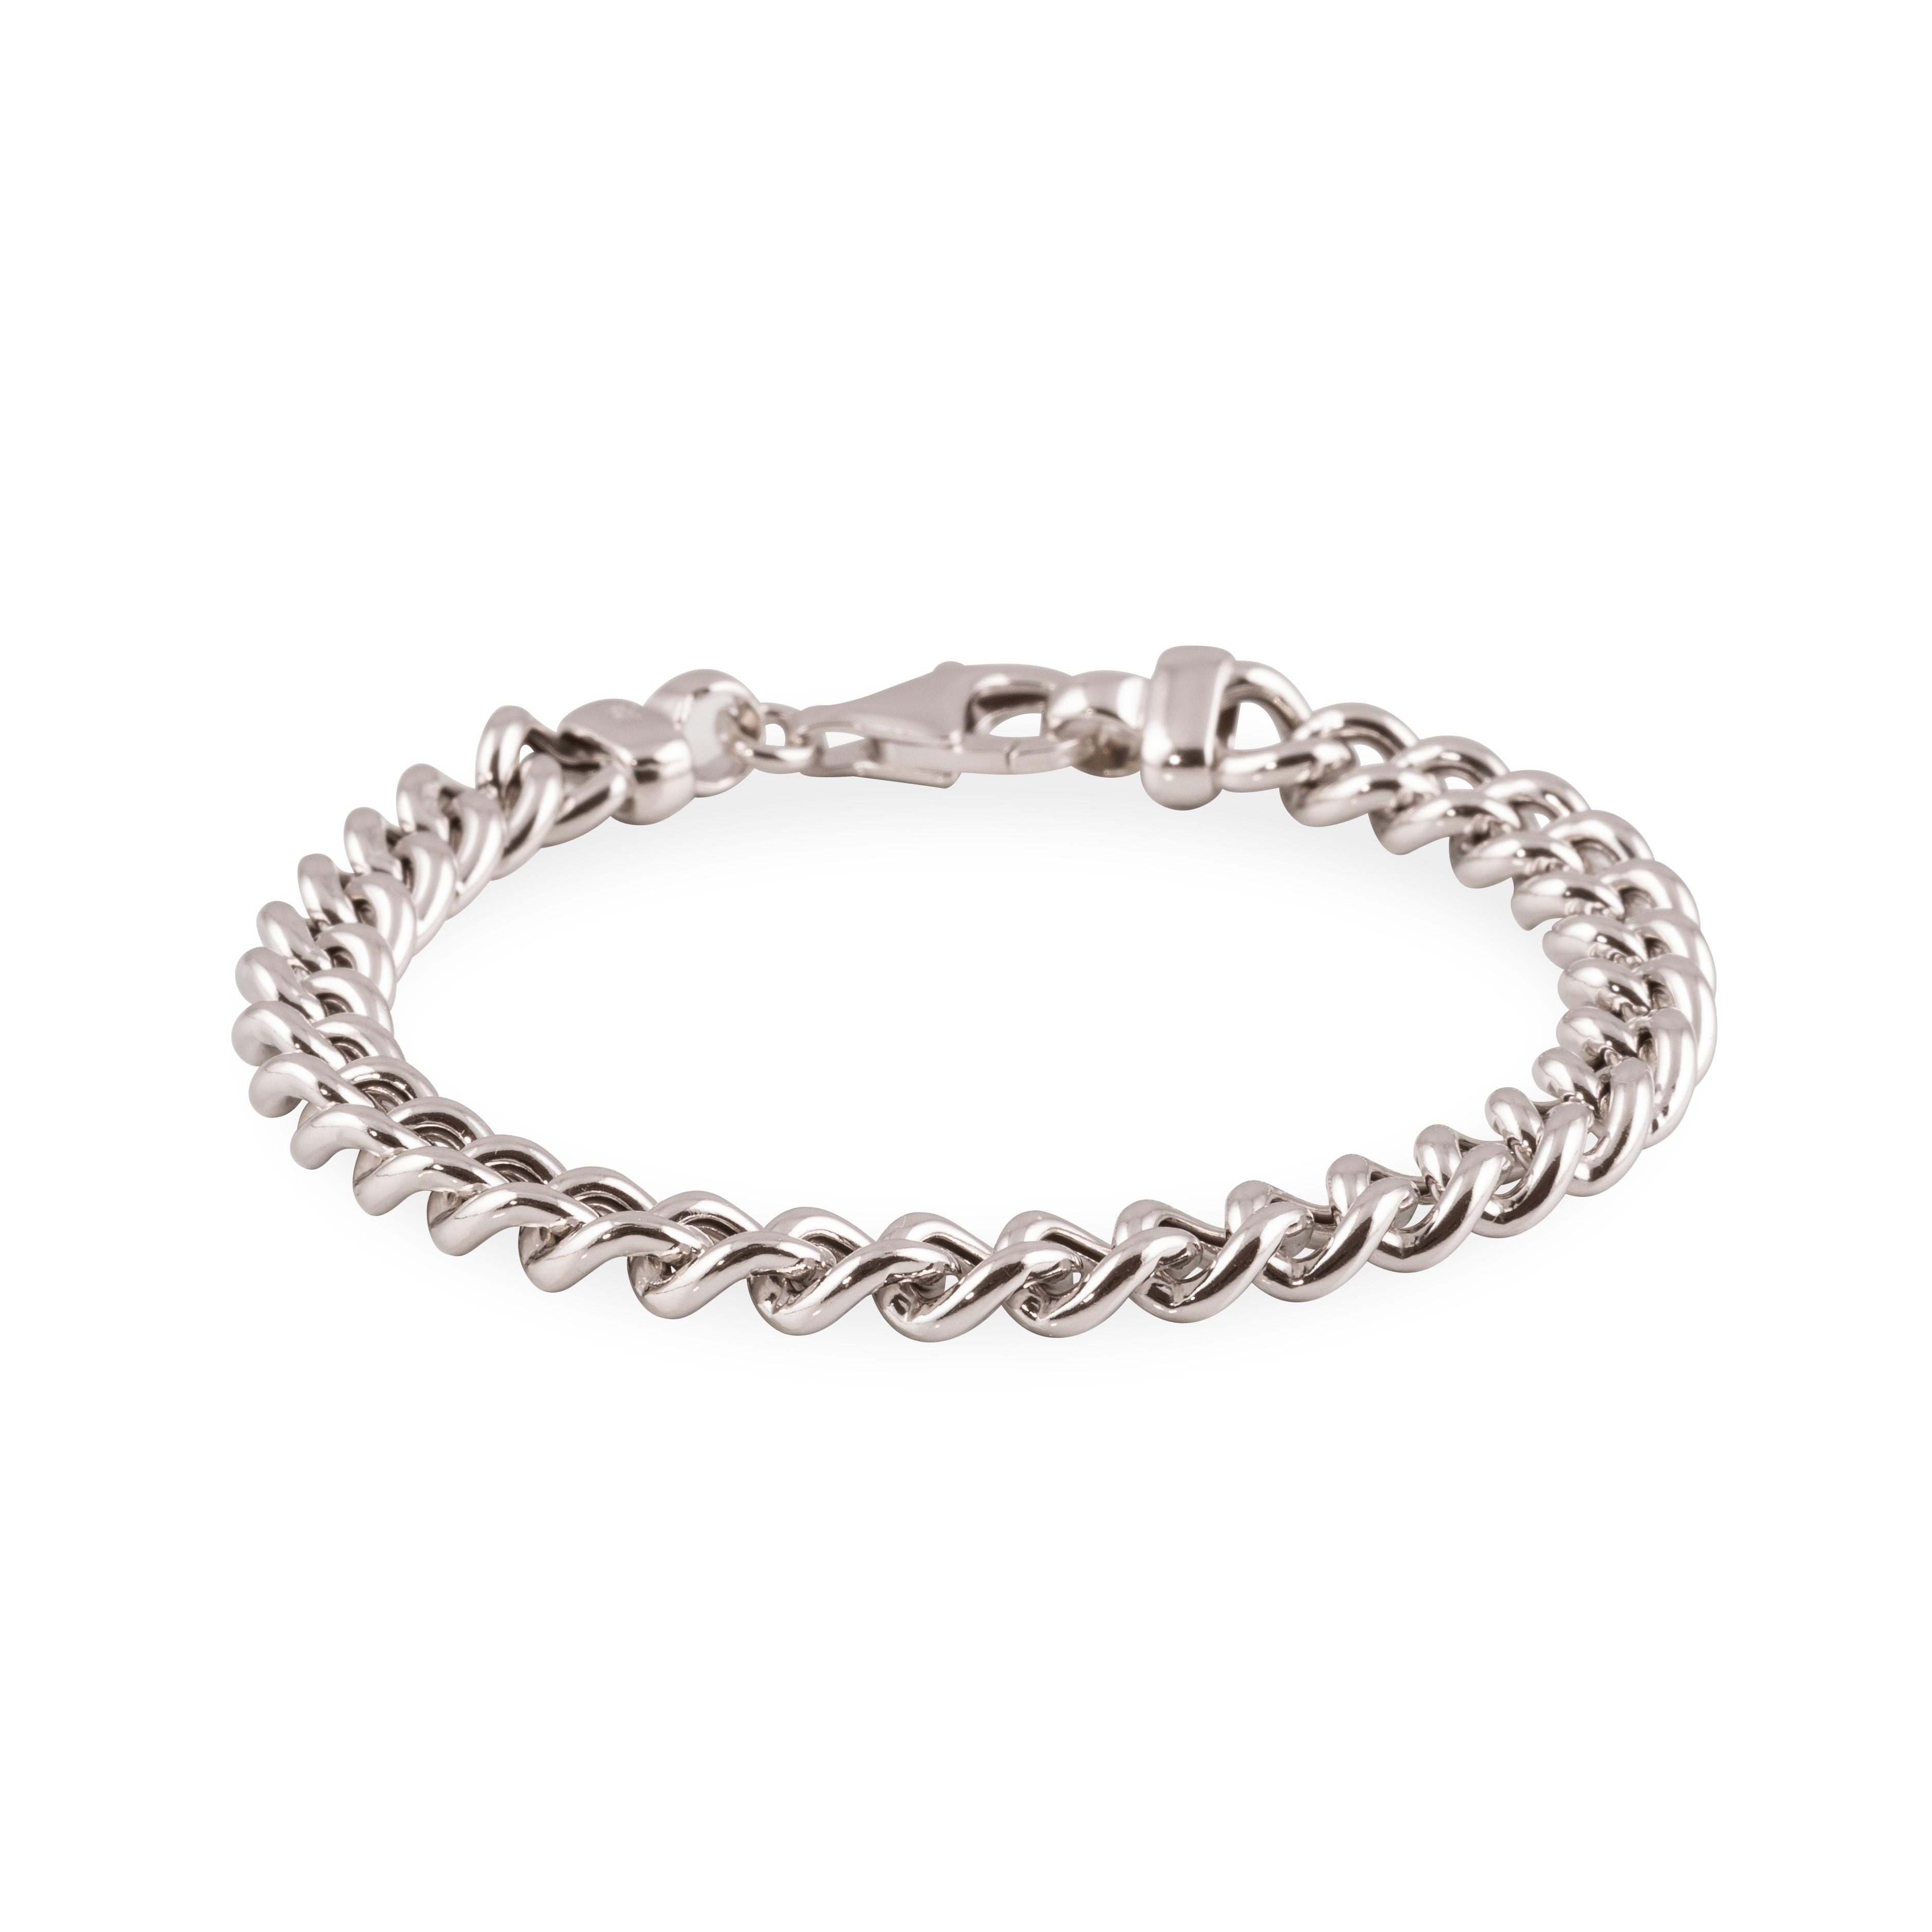 Zilveren schakelarmband best basics 20 cm - gourmetschakel - 8 mm - gerodineerd 104.1255.20